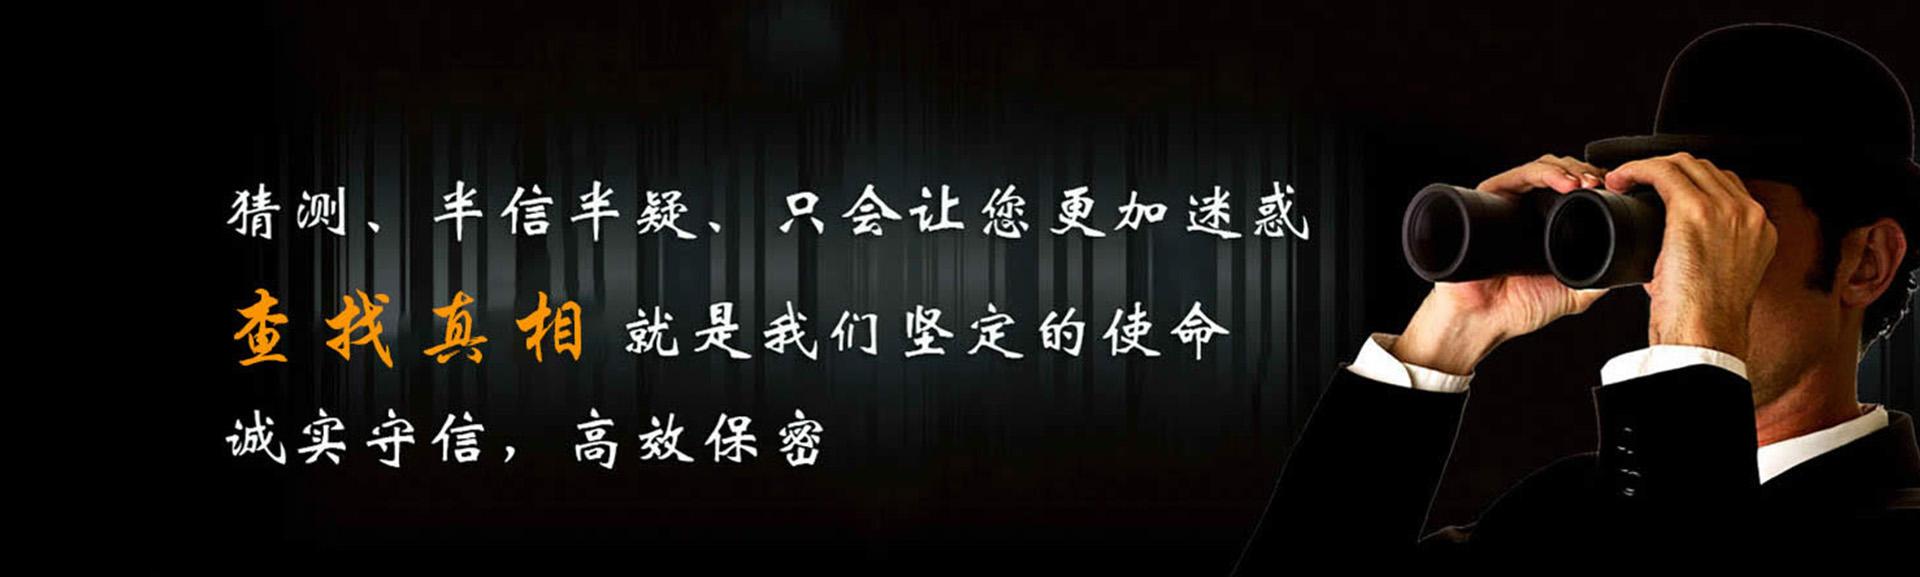 江阴讨债公司